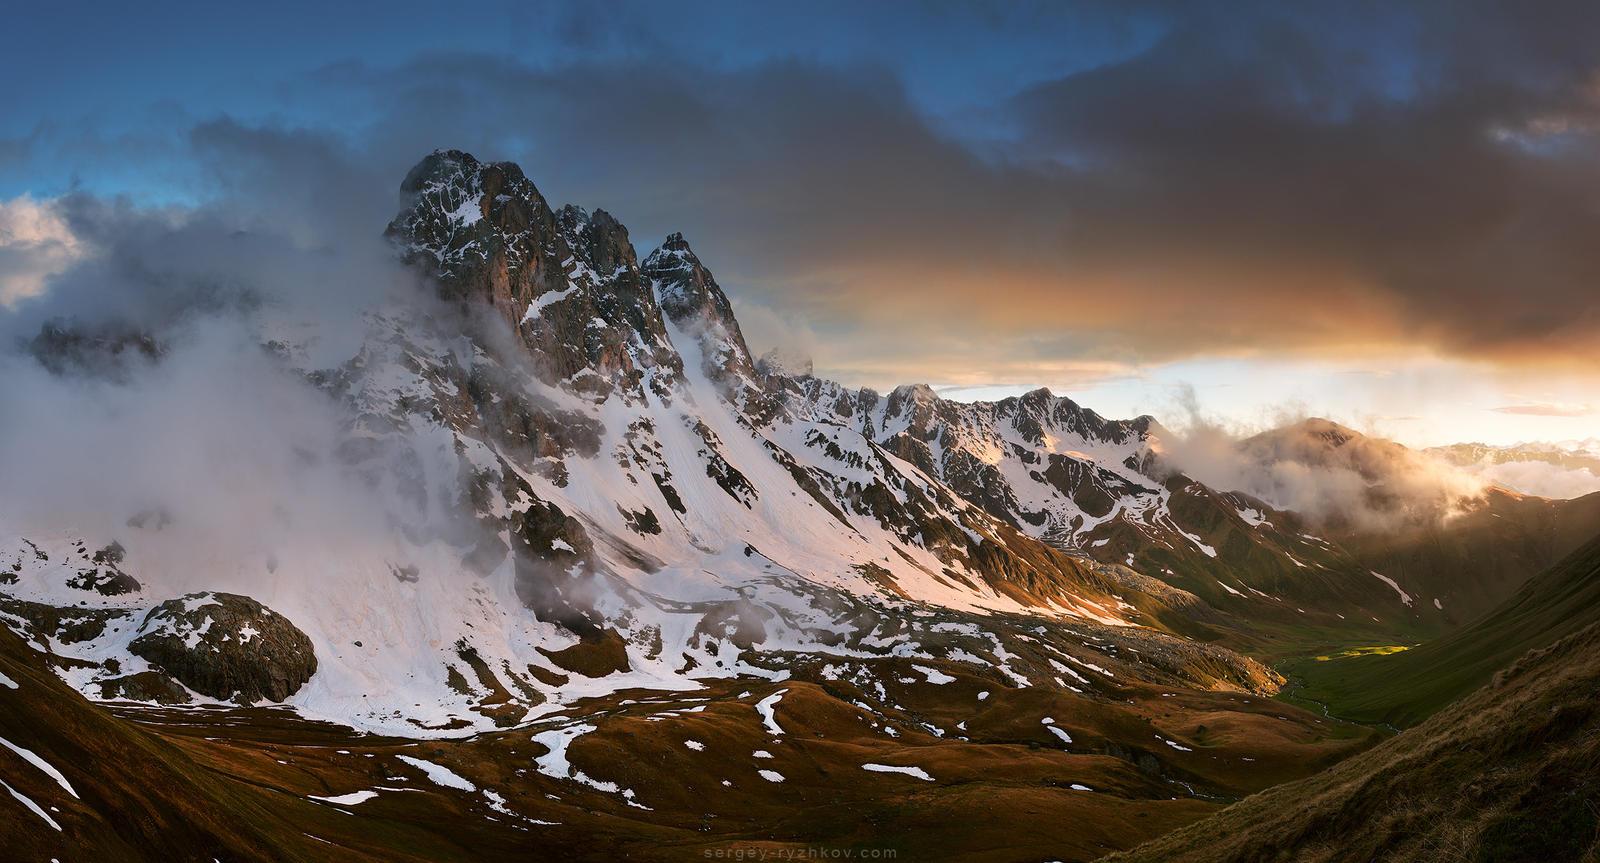 Chaukhi Valley by Sergey-Ryzhkov